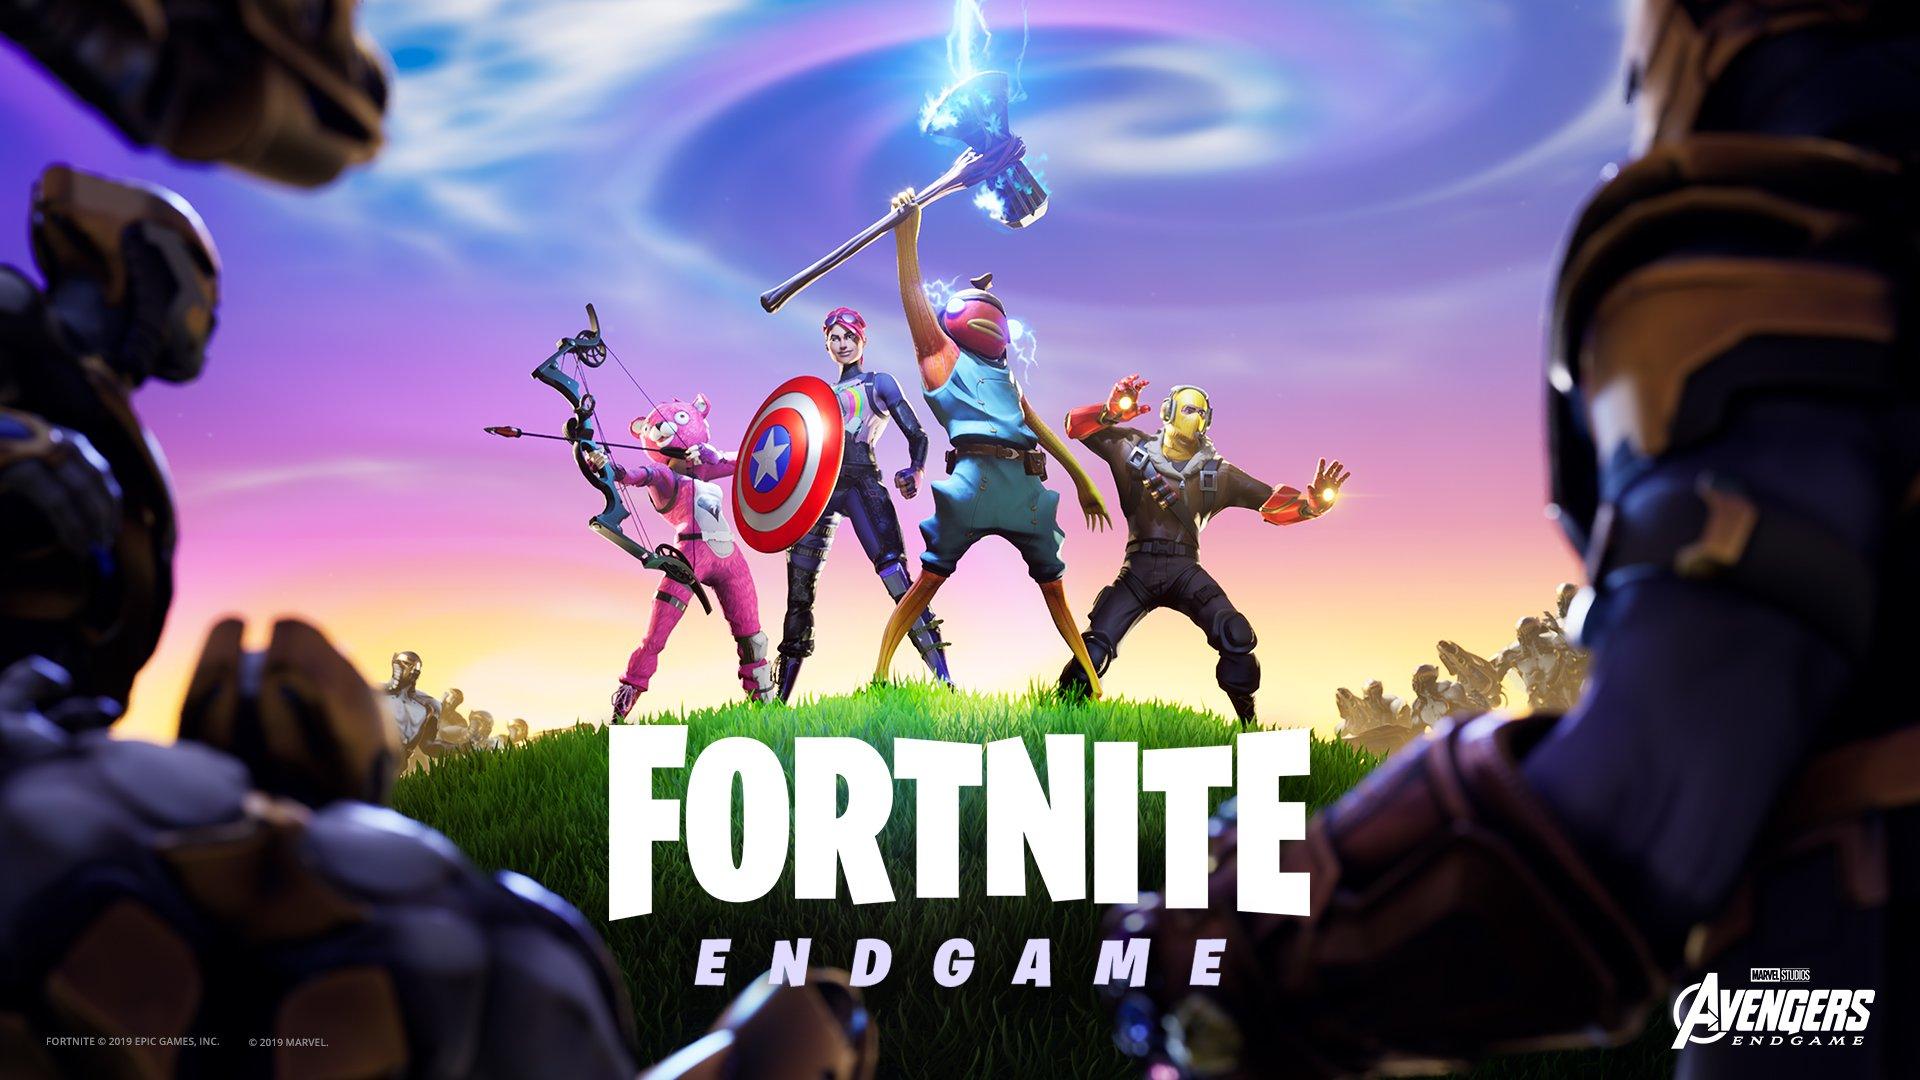 Fortnites Avengers Endgame Crossover Is One Of The Best Superhero